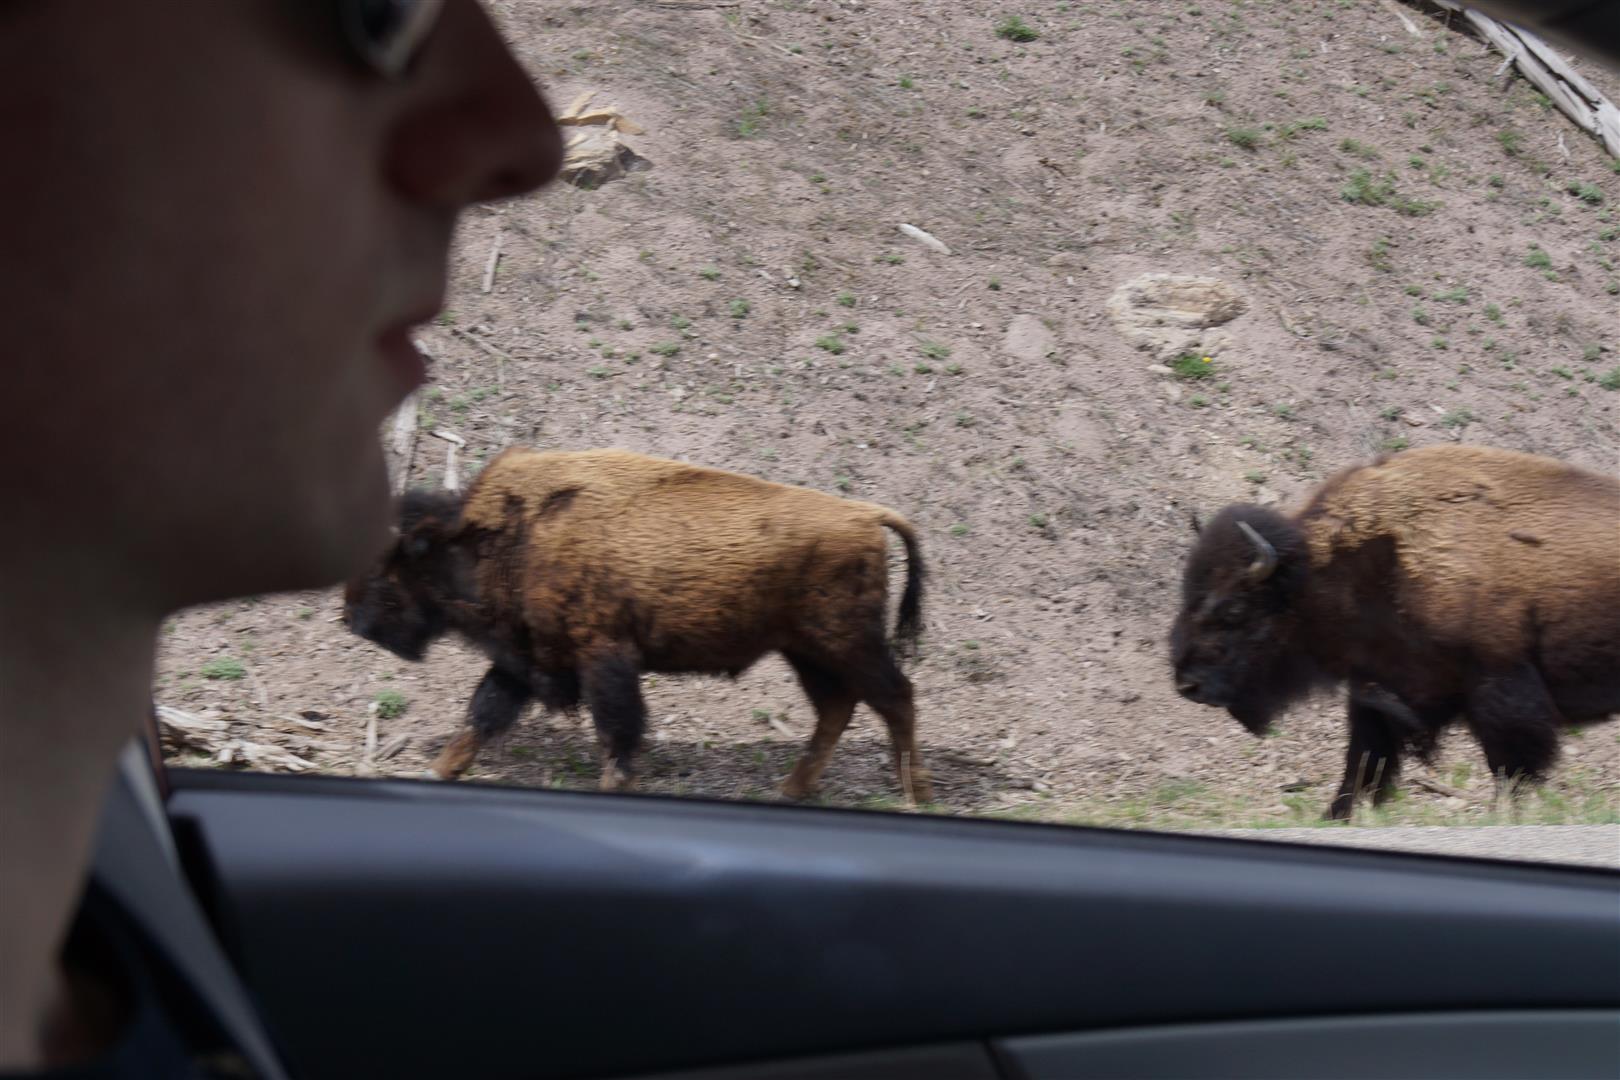 Büffel auf der Straße